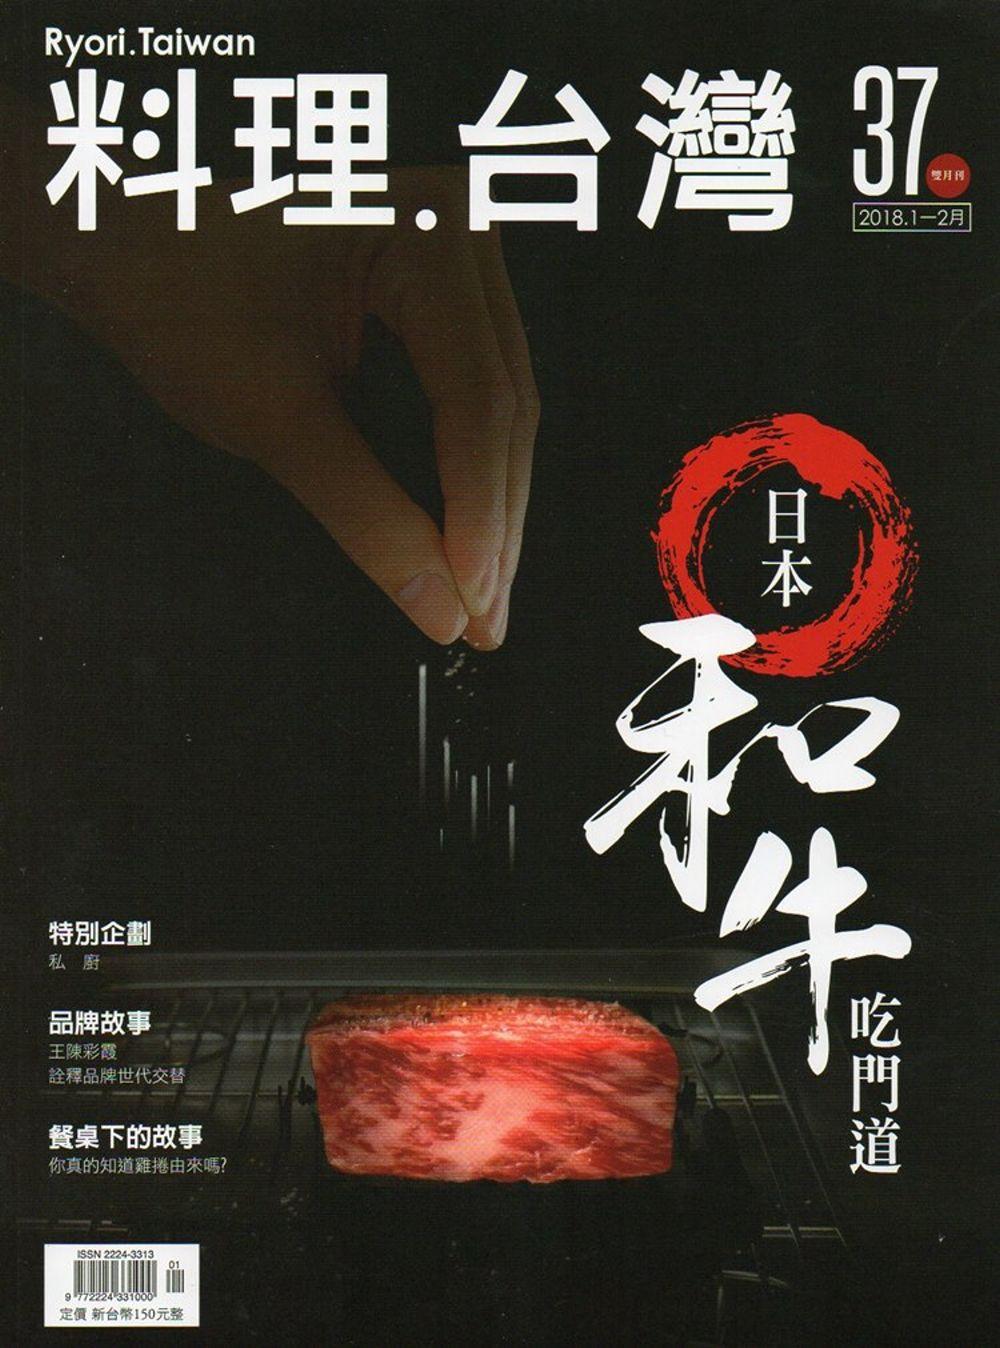 《料理‧台灣 no.37〈2018.1~2月〉》